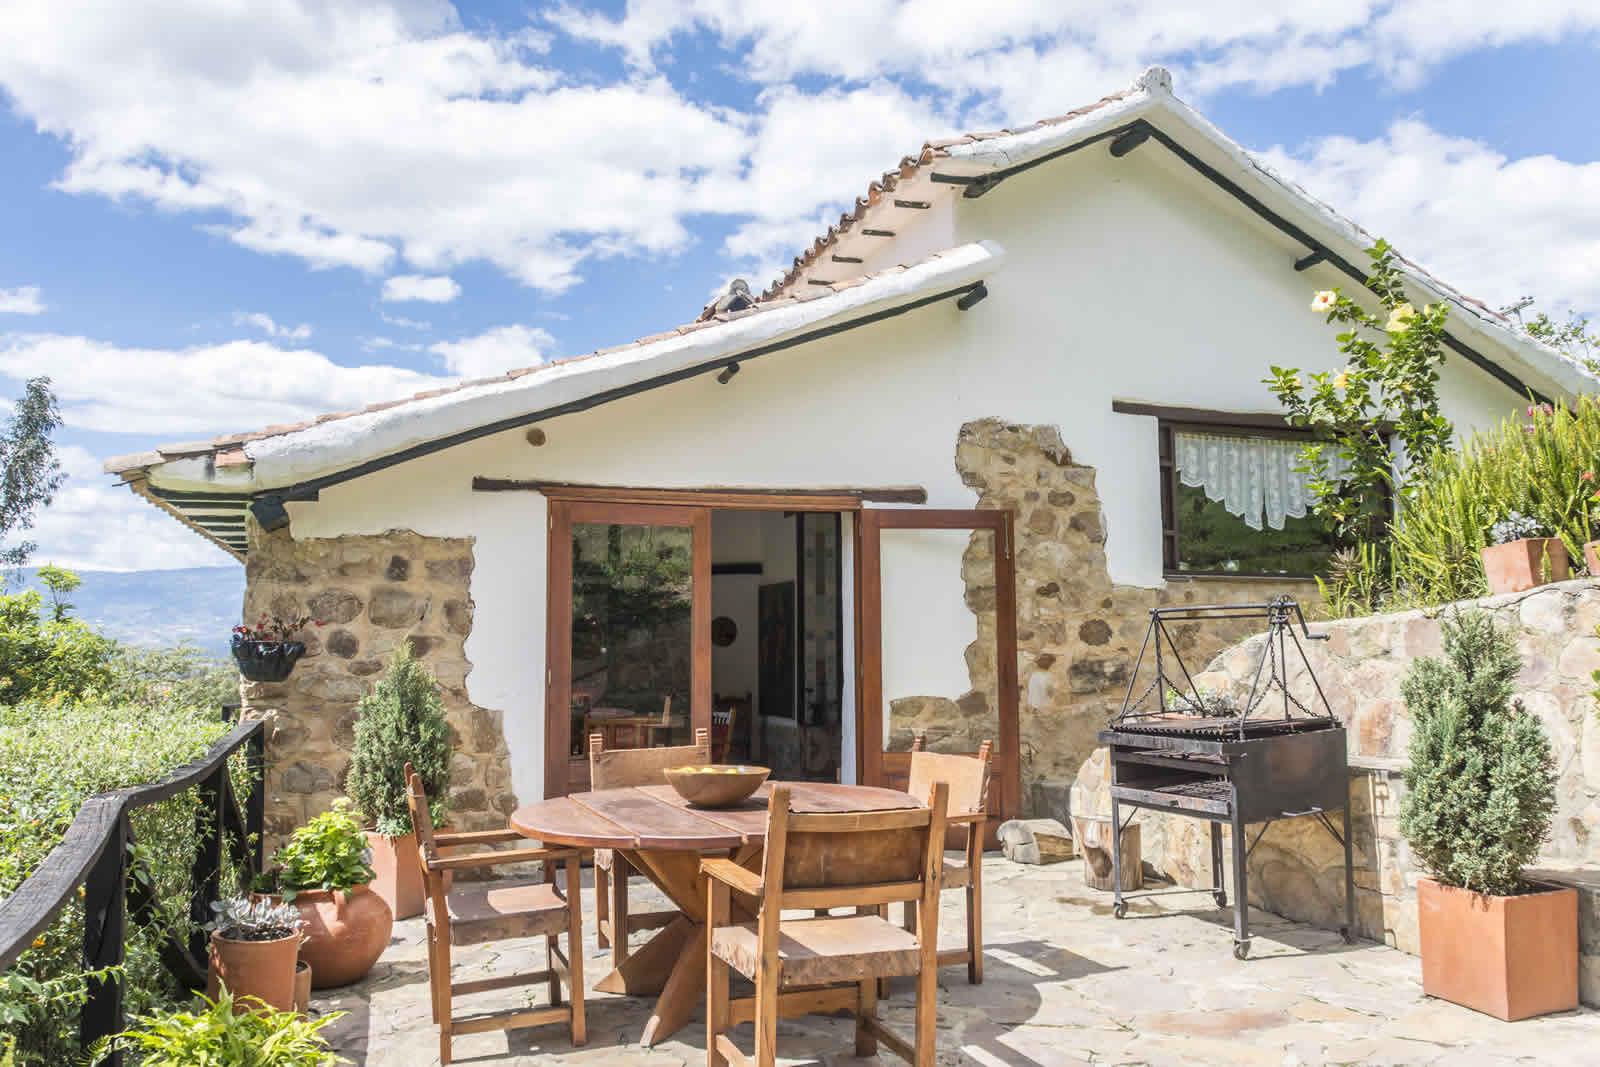 Alquiler casa Pozo Azul en Villa de Leyva - Terraza